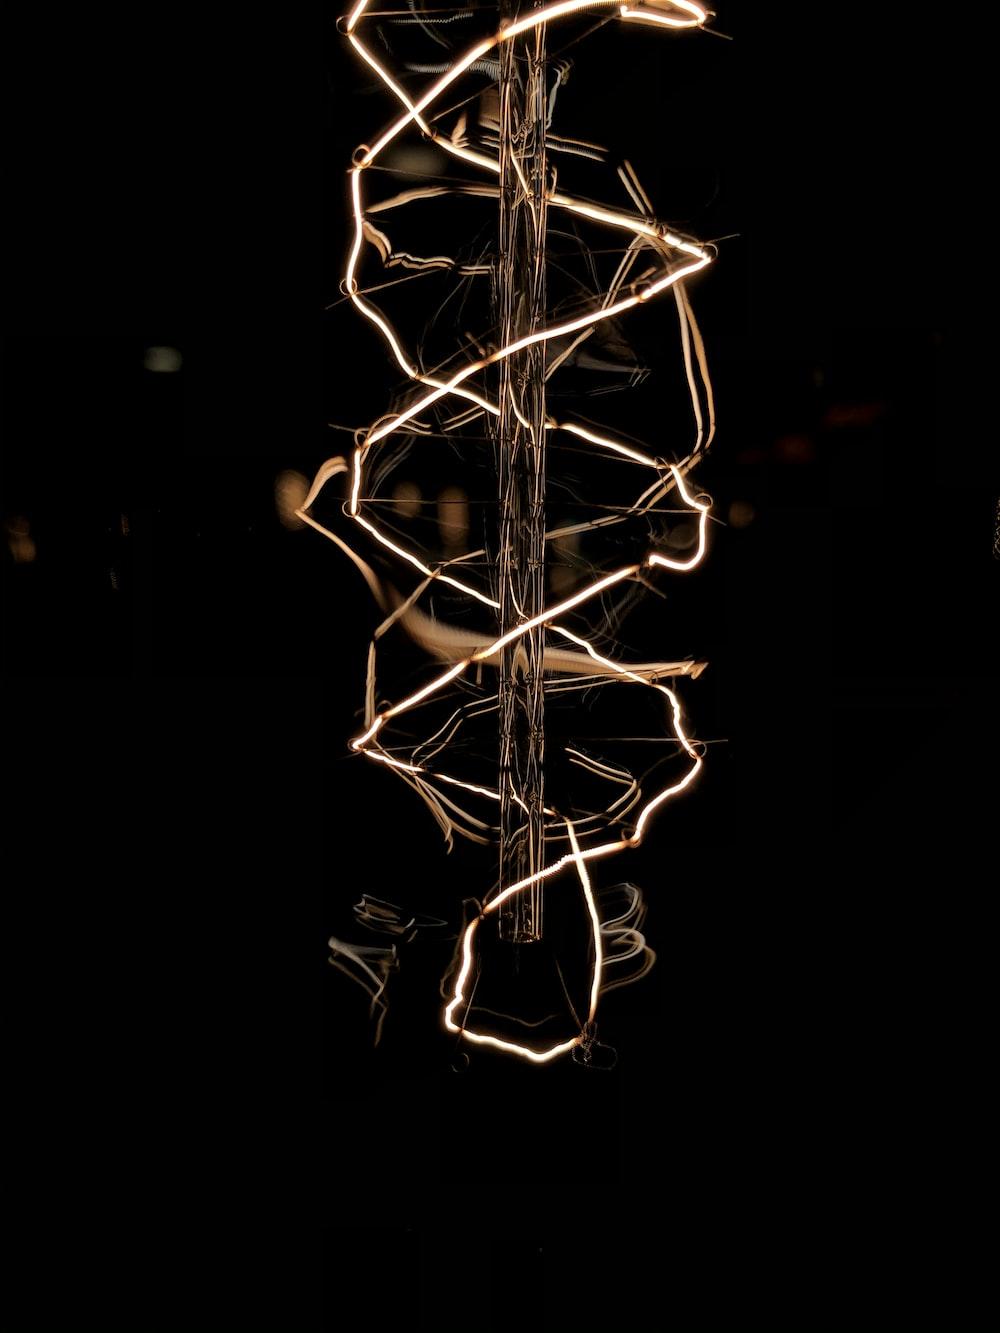 lighted white string lights